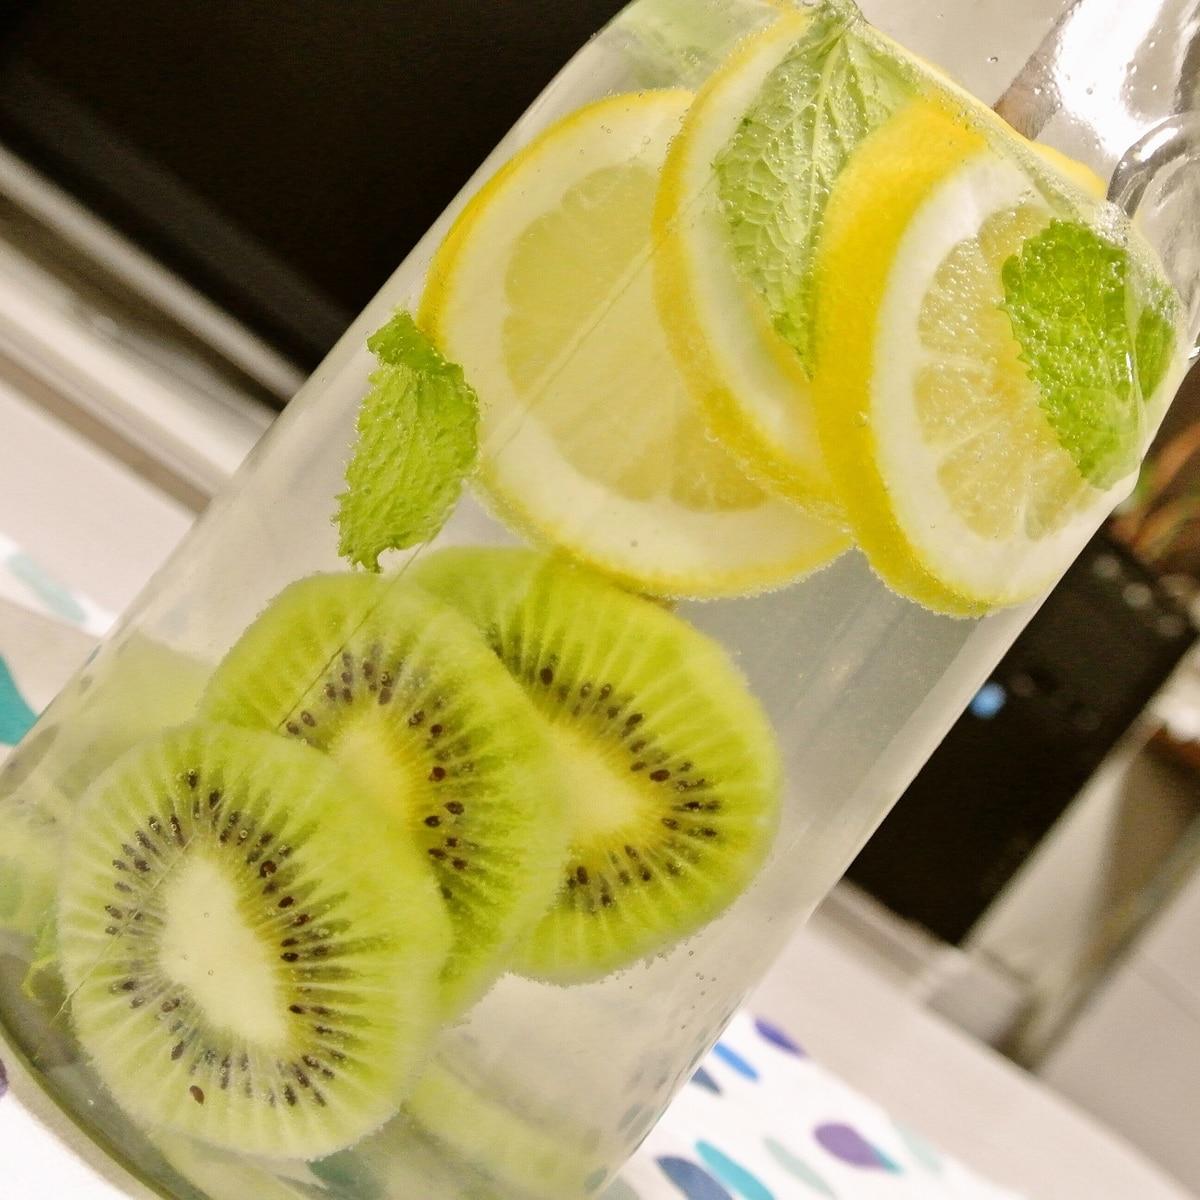 ウォーター レモン デトックス